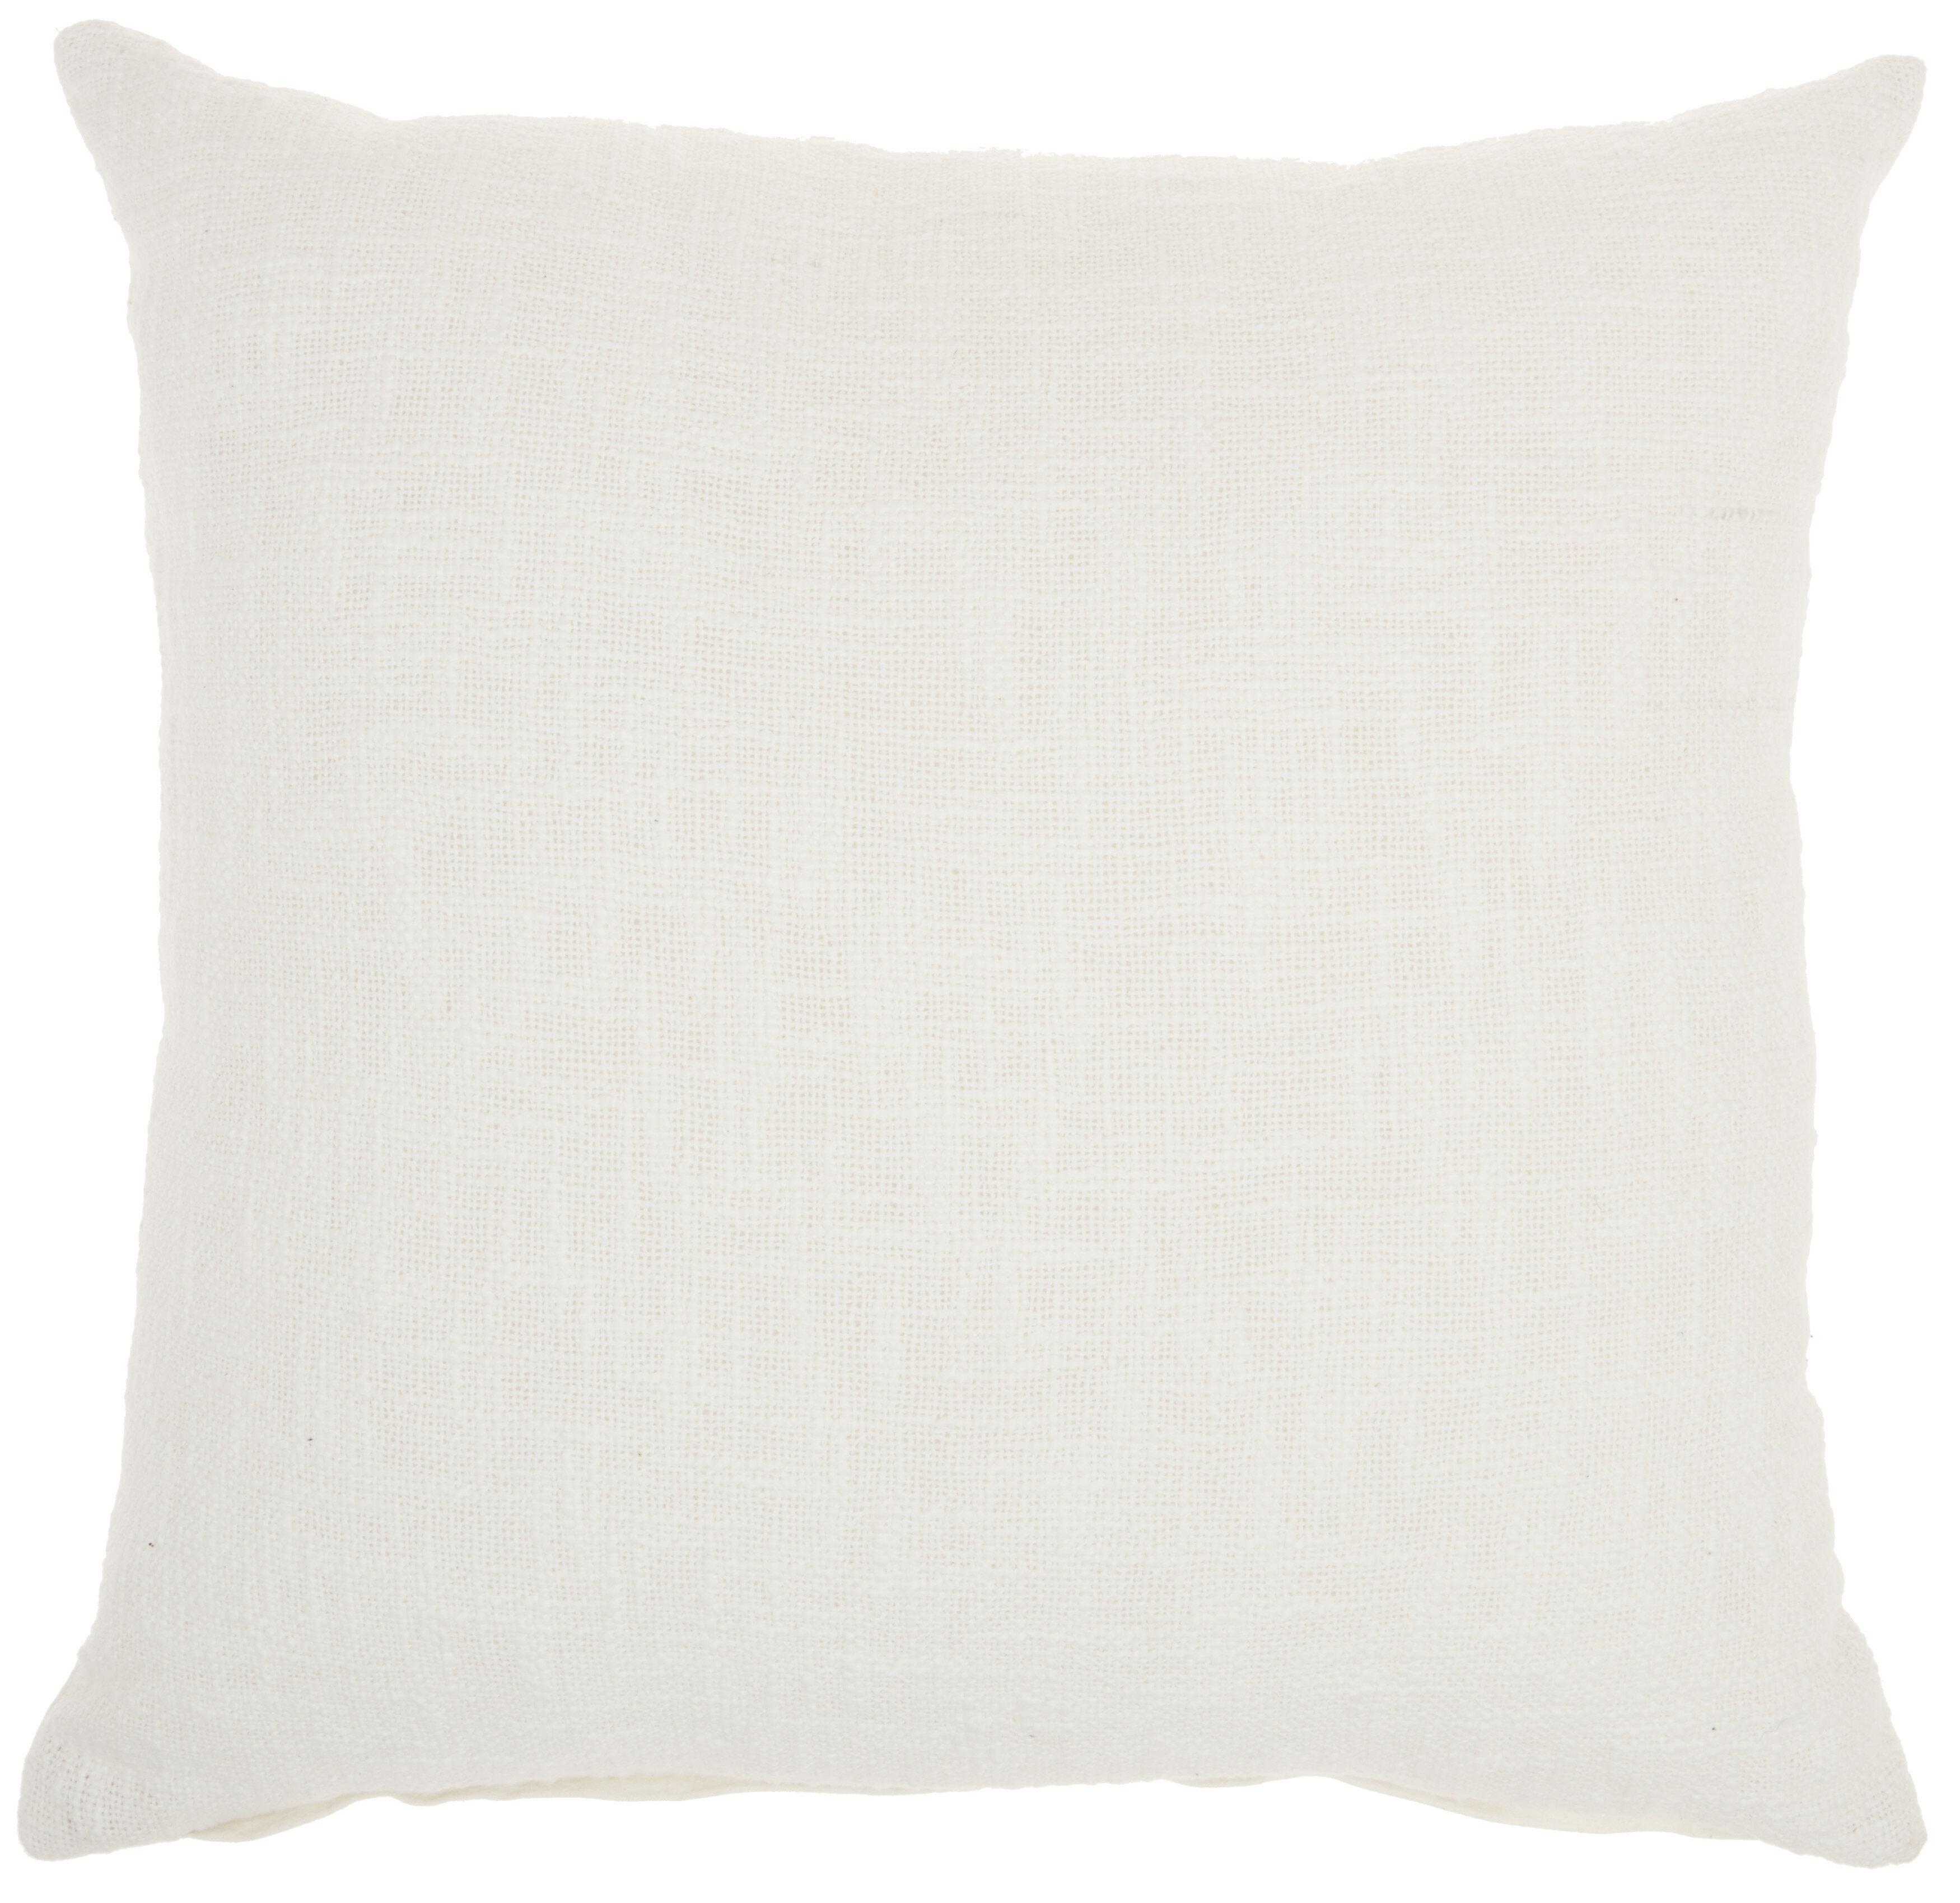 100 Cotton Throw Pillows Free Shipping Over 35 Wayfair